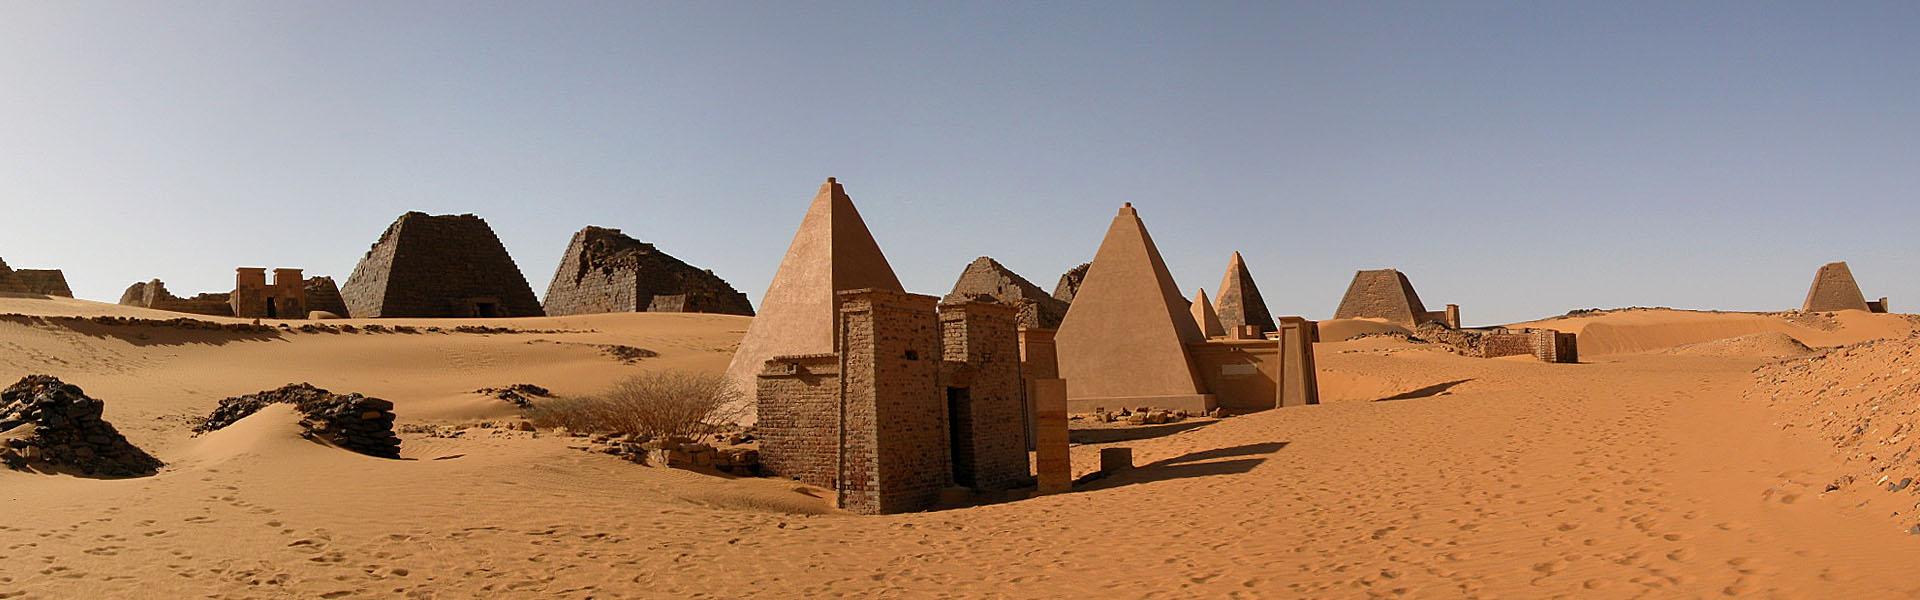 Viajes a África con Viajes Ikertanoa, todo el asesoramiento y la información necesaria para viajar independiente y diferente. Fotografía de Sudán, Pirámides de Meroe.